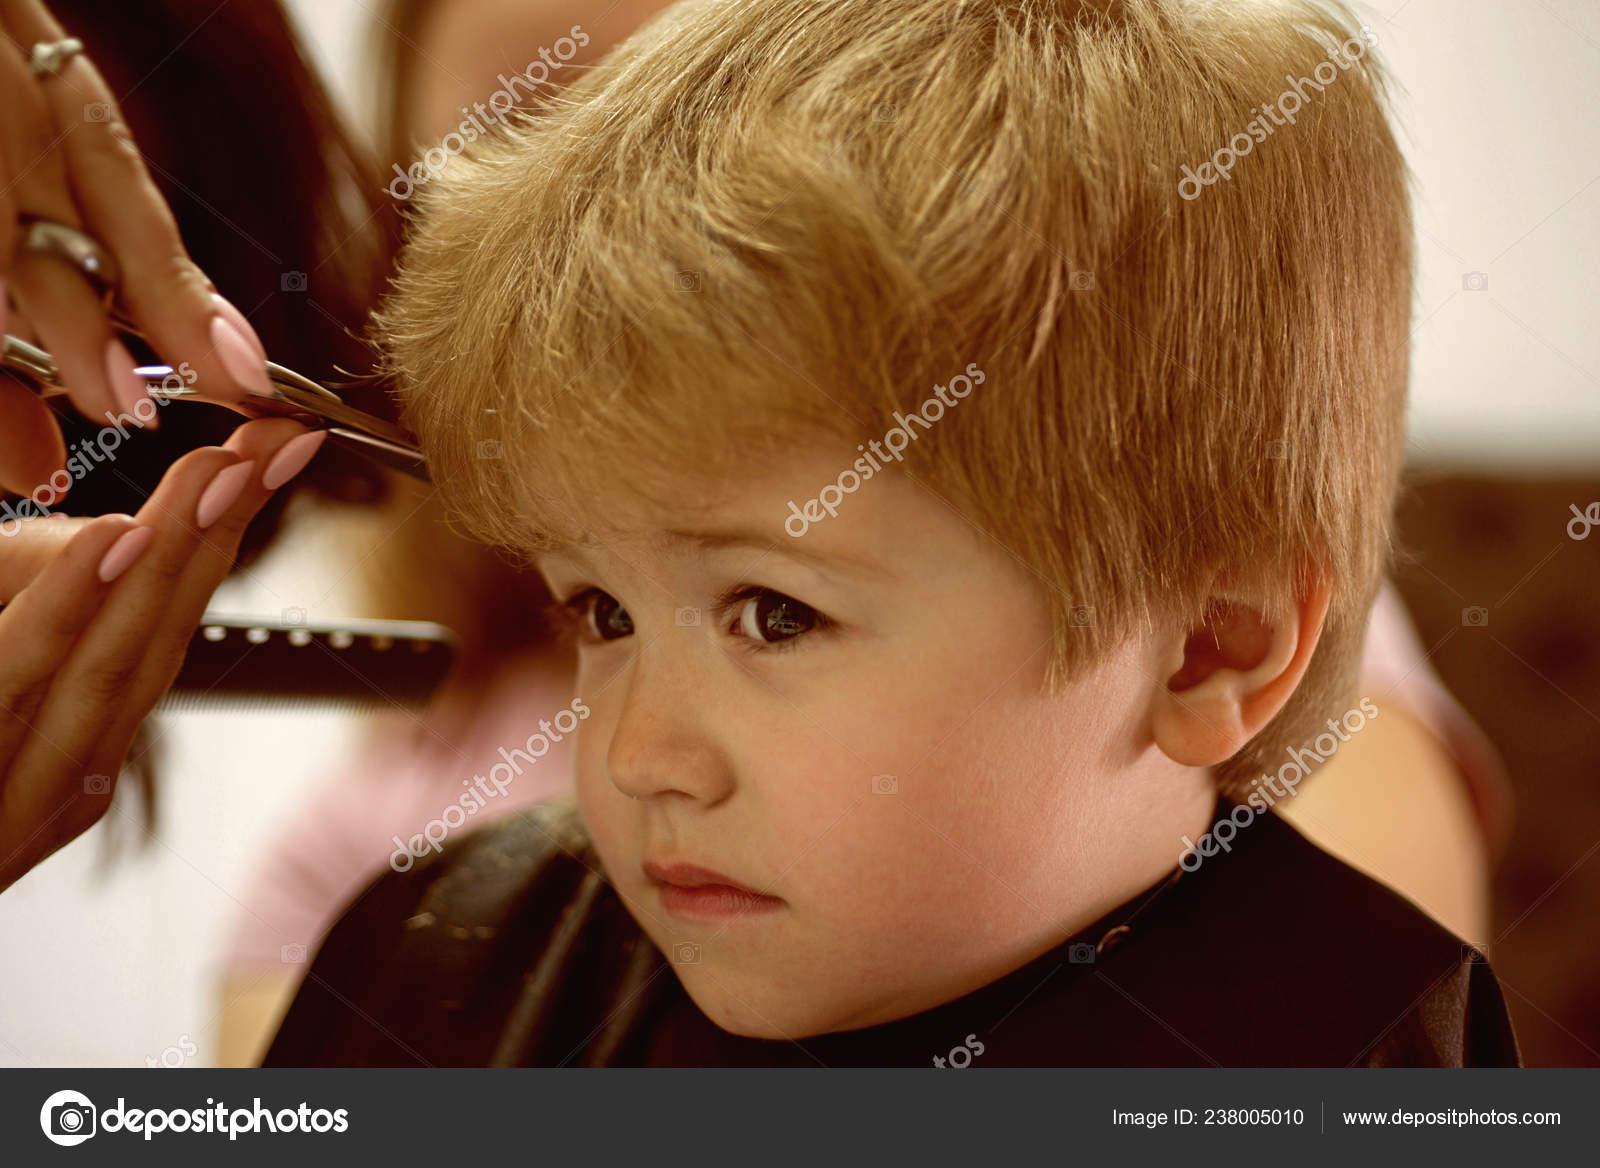 Haarschnitt Lustig Machen Kleines Kind Gegeben Haarschnitt Kleines